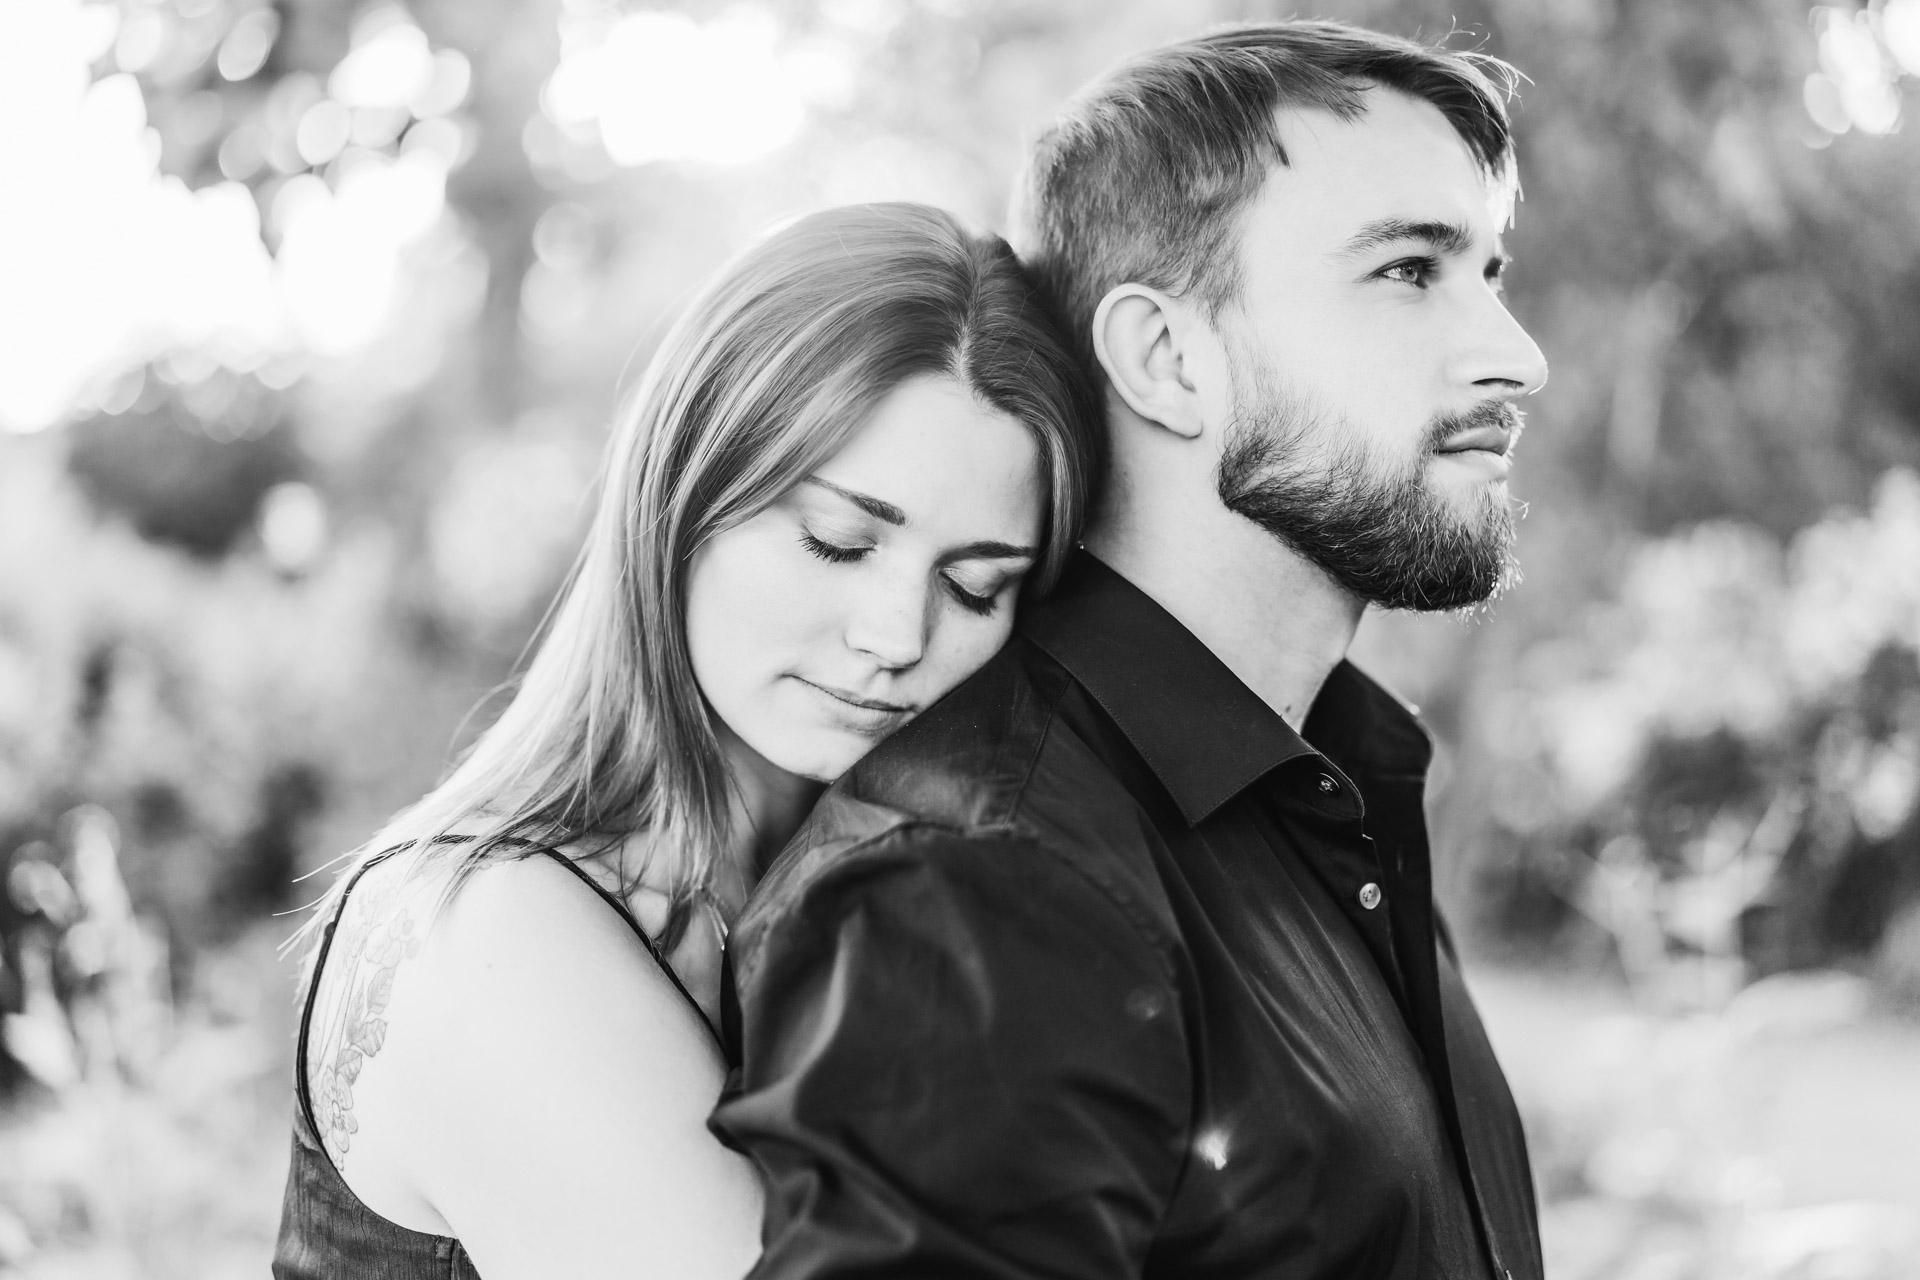 Verlobungsshooting natürliche Pärchenfotos draßen in der Natur Hochzeitsfotografin Mainz